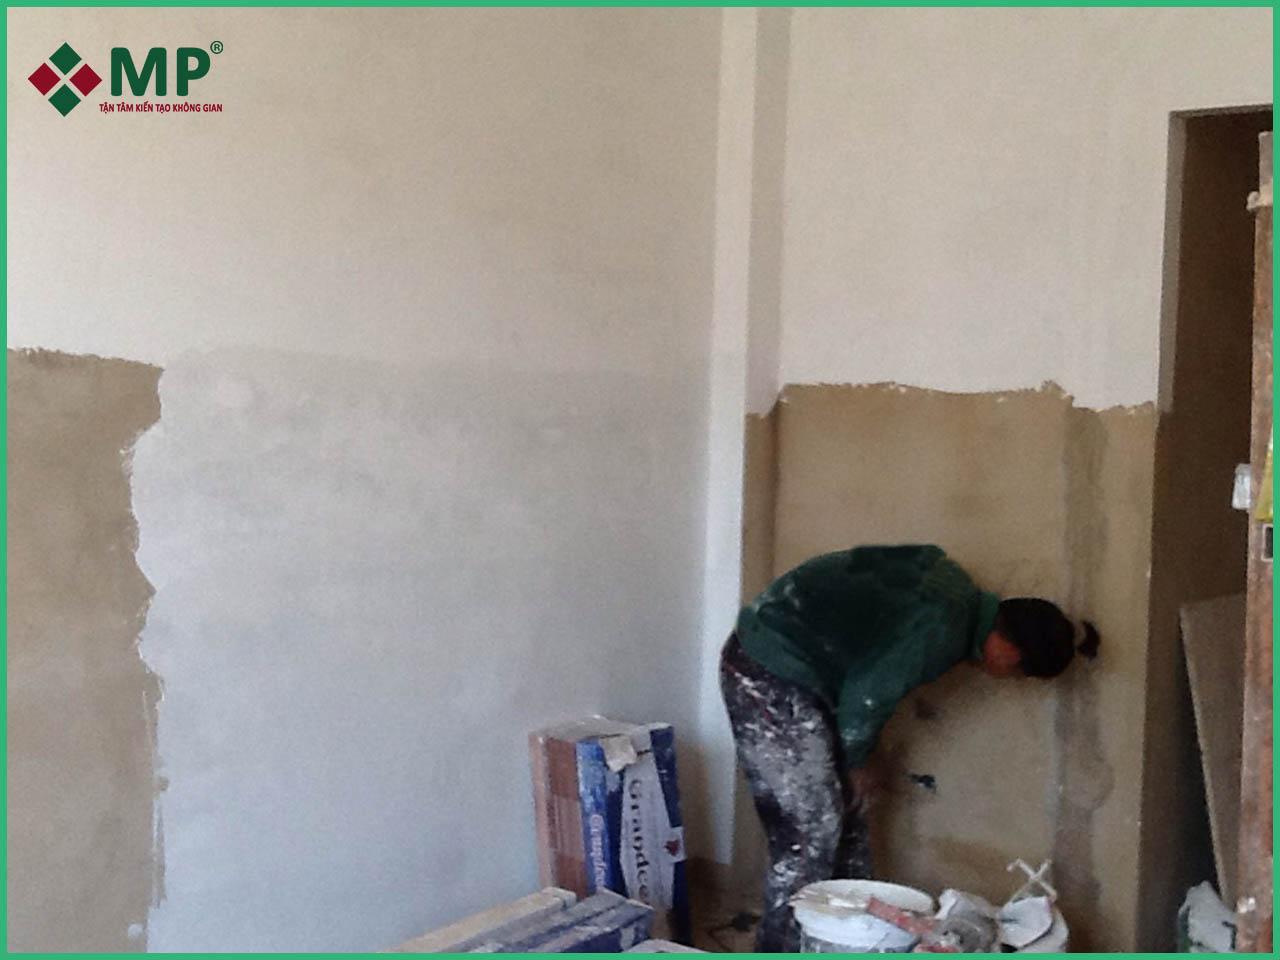 dịch vụ sửa chữa nhà tại tphcm